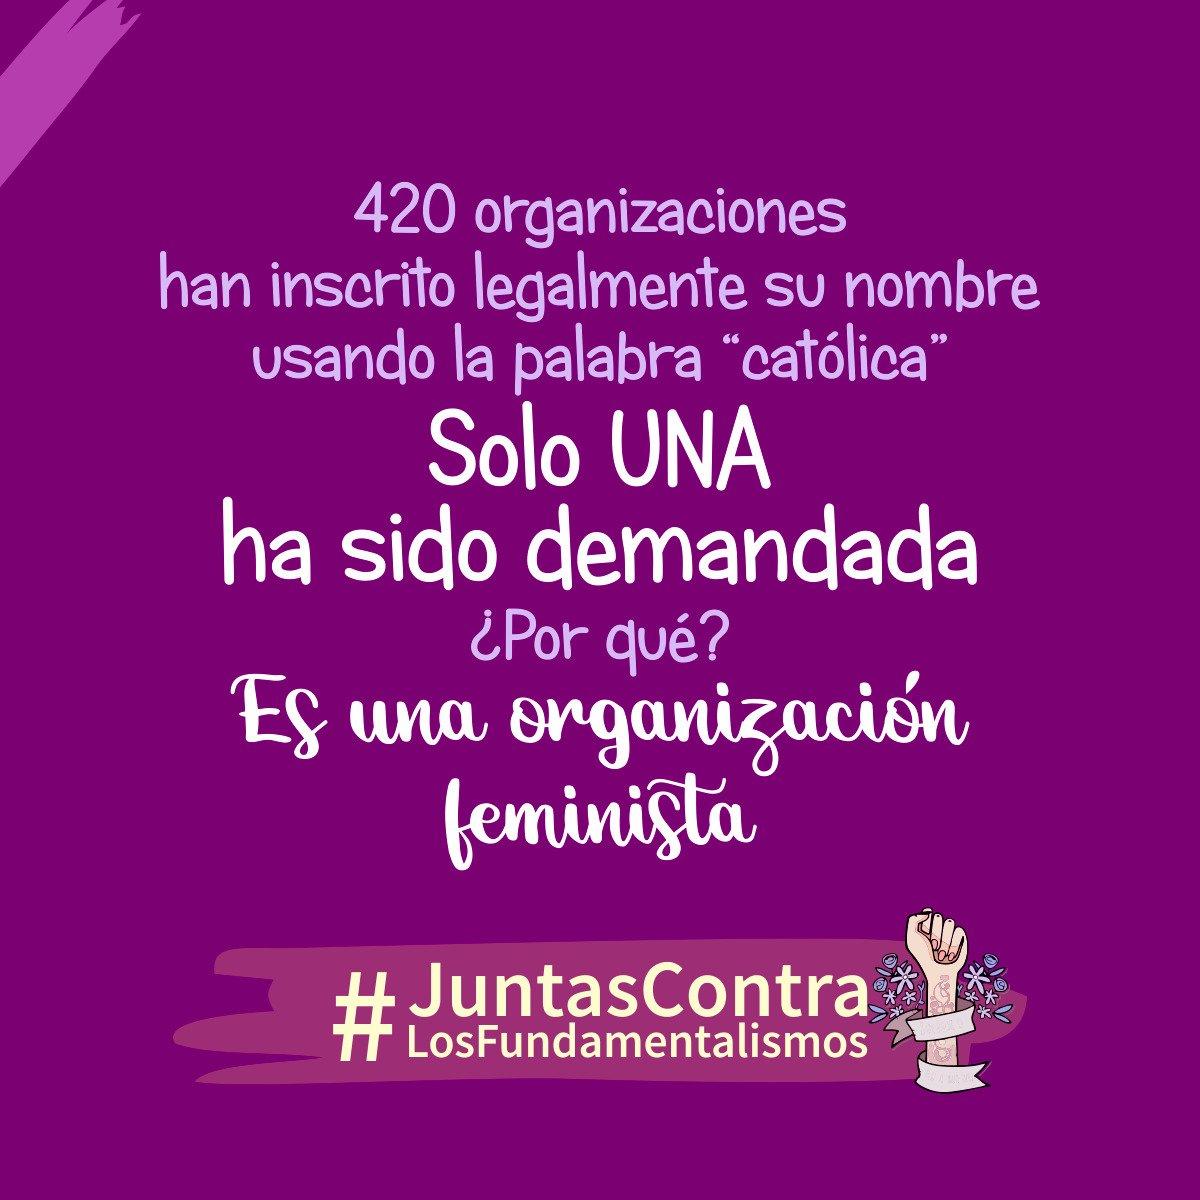 """420 organizaciones han inscrito legalmente usando el nombre """"Católica"""" solo una ha sido demandada ¿Por qué? Es una organización feminista. #JuntasContraLosFundamentalismos #JuntasSomosMásFuertes Todo el apoyo para @CDDperu"""